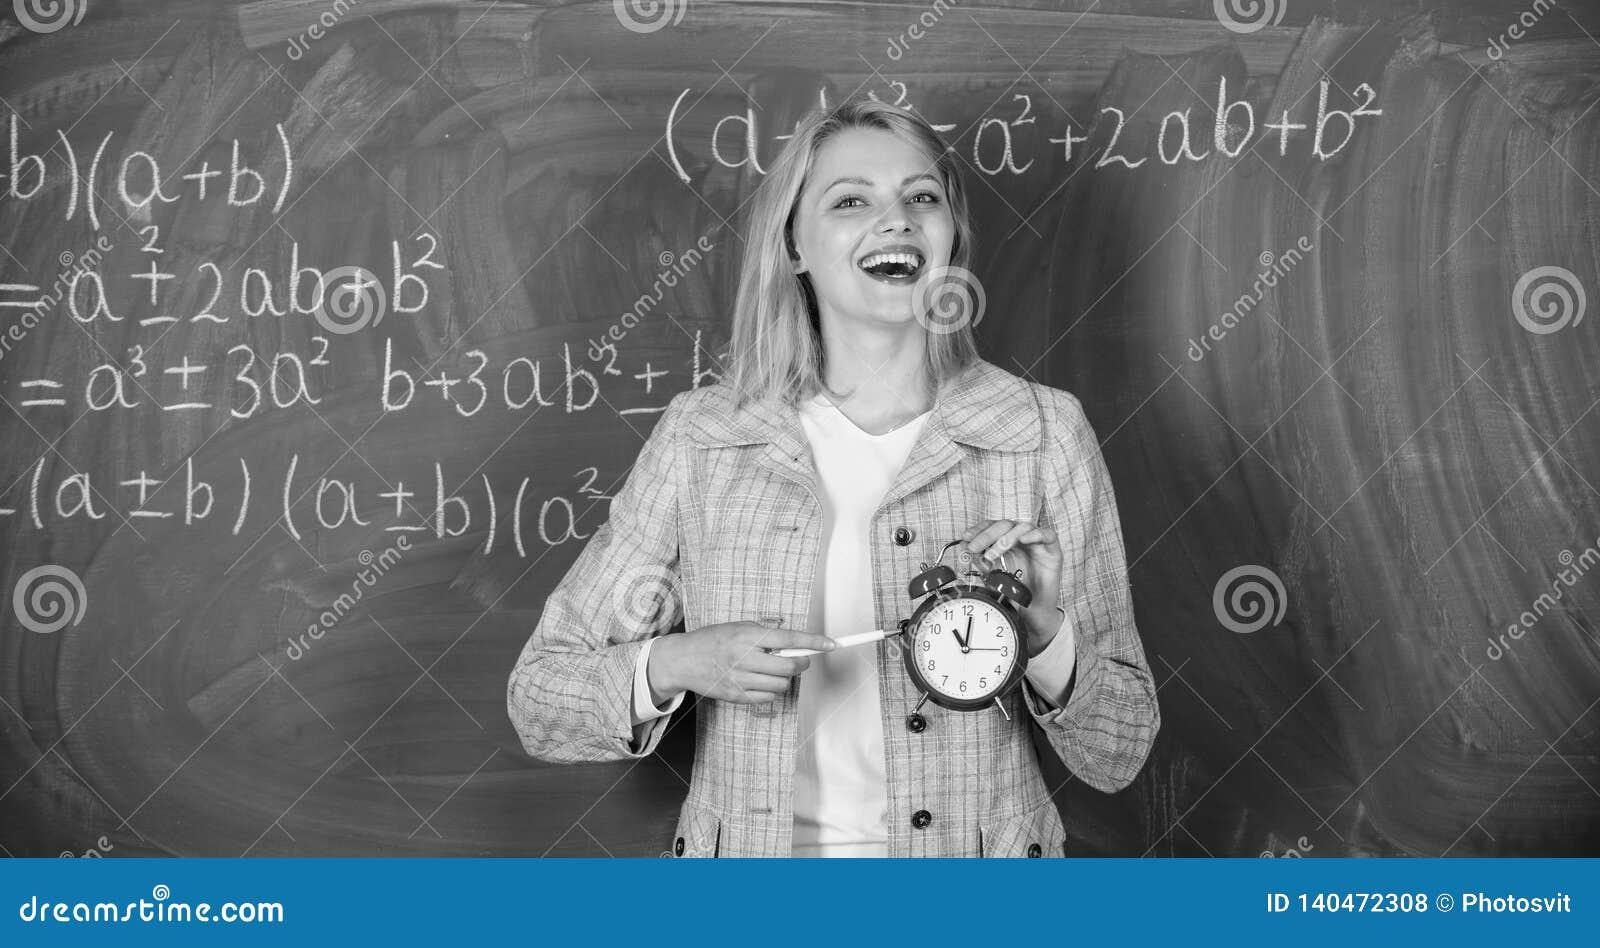 Φροντίζει για την πειθαρχία χρόνος μελέτης Ευπρόσδεκτο σχολικό έτος δασκάλων Το κοίταγμα δέσμευσε το συμπλήρωμα δασκάλων κατάλληλ